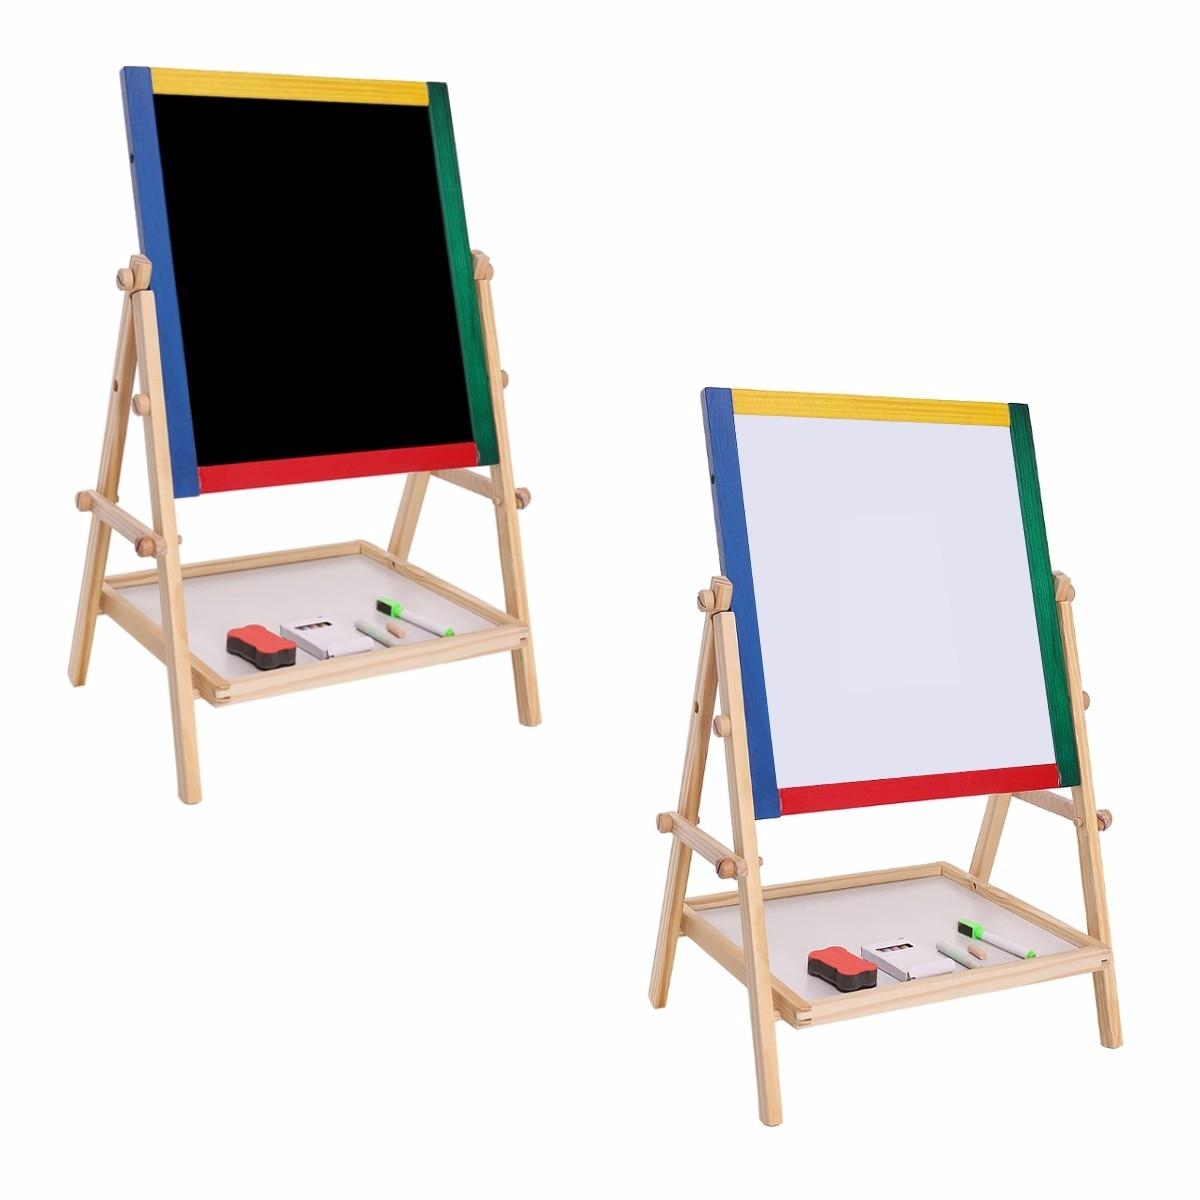 Planche à dessin jouet éducatif pour enfants réglable enfants 2 en 1 noir/blanc en bois chevalet craie